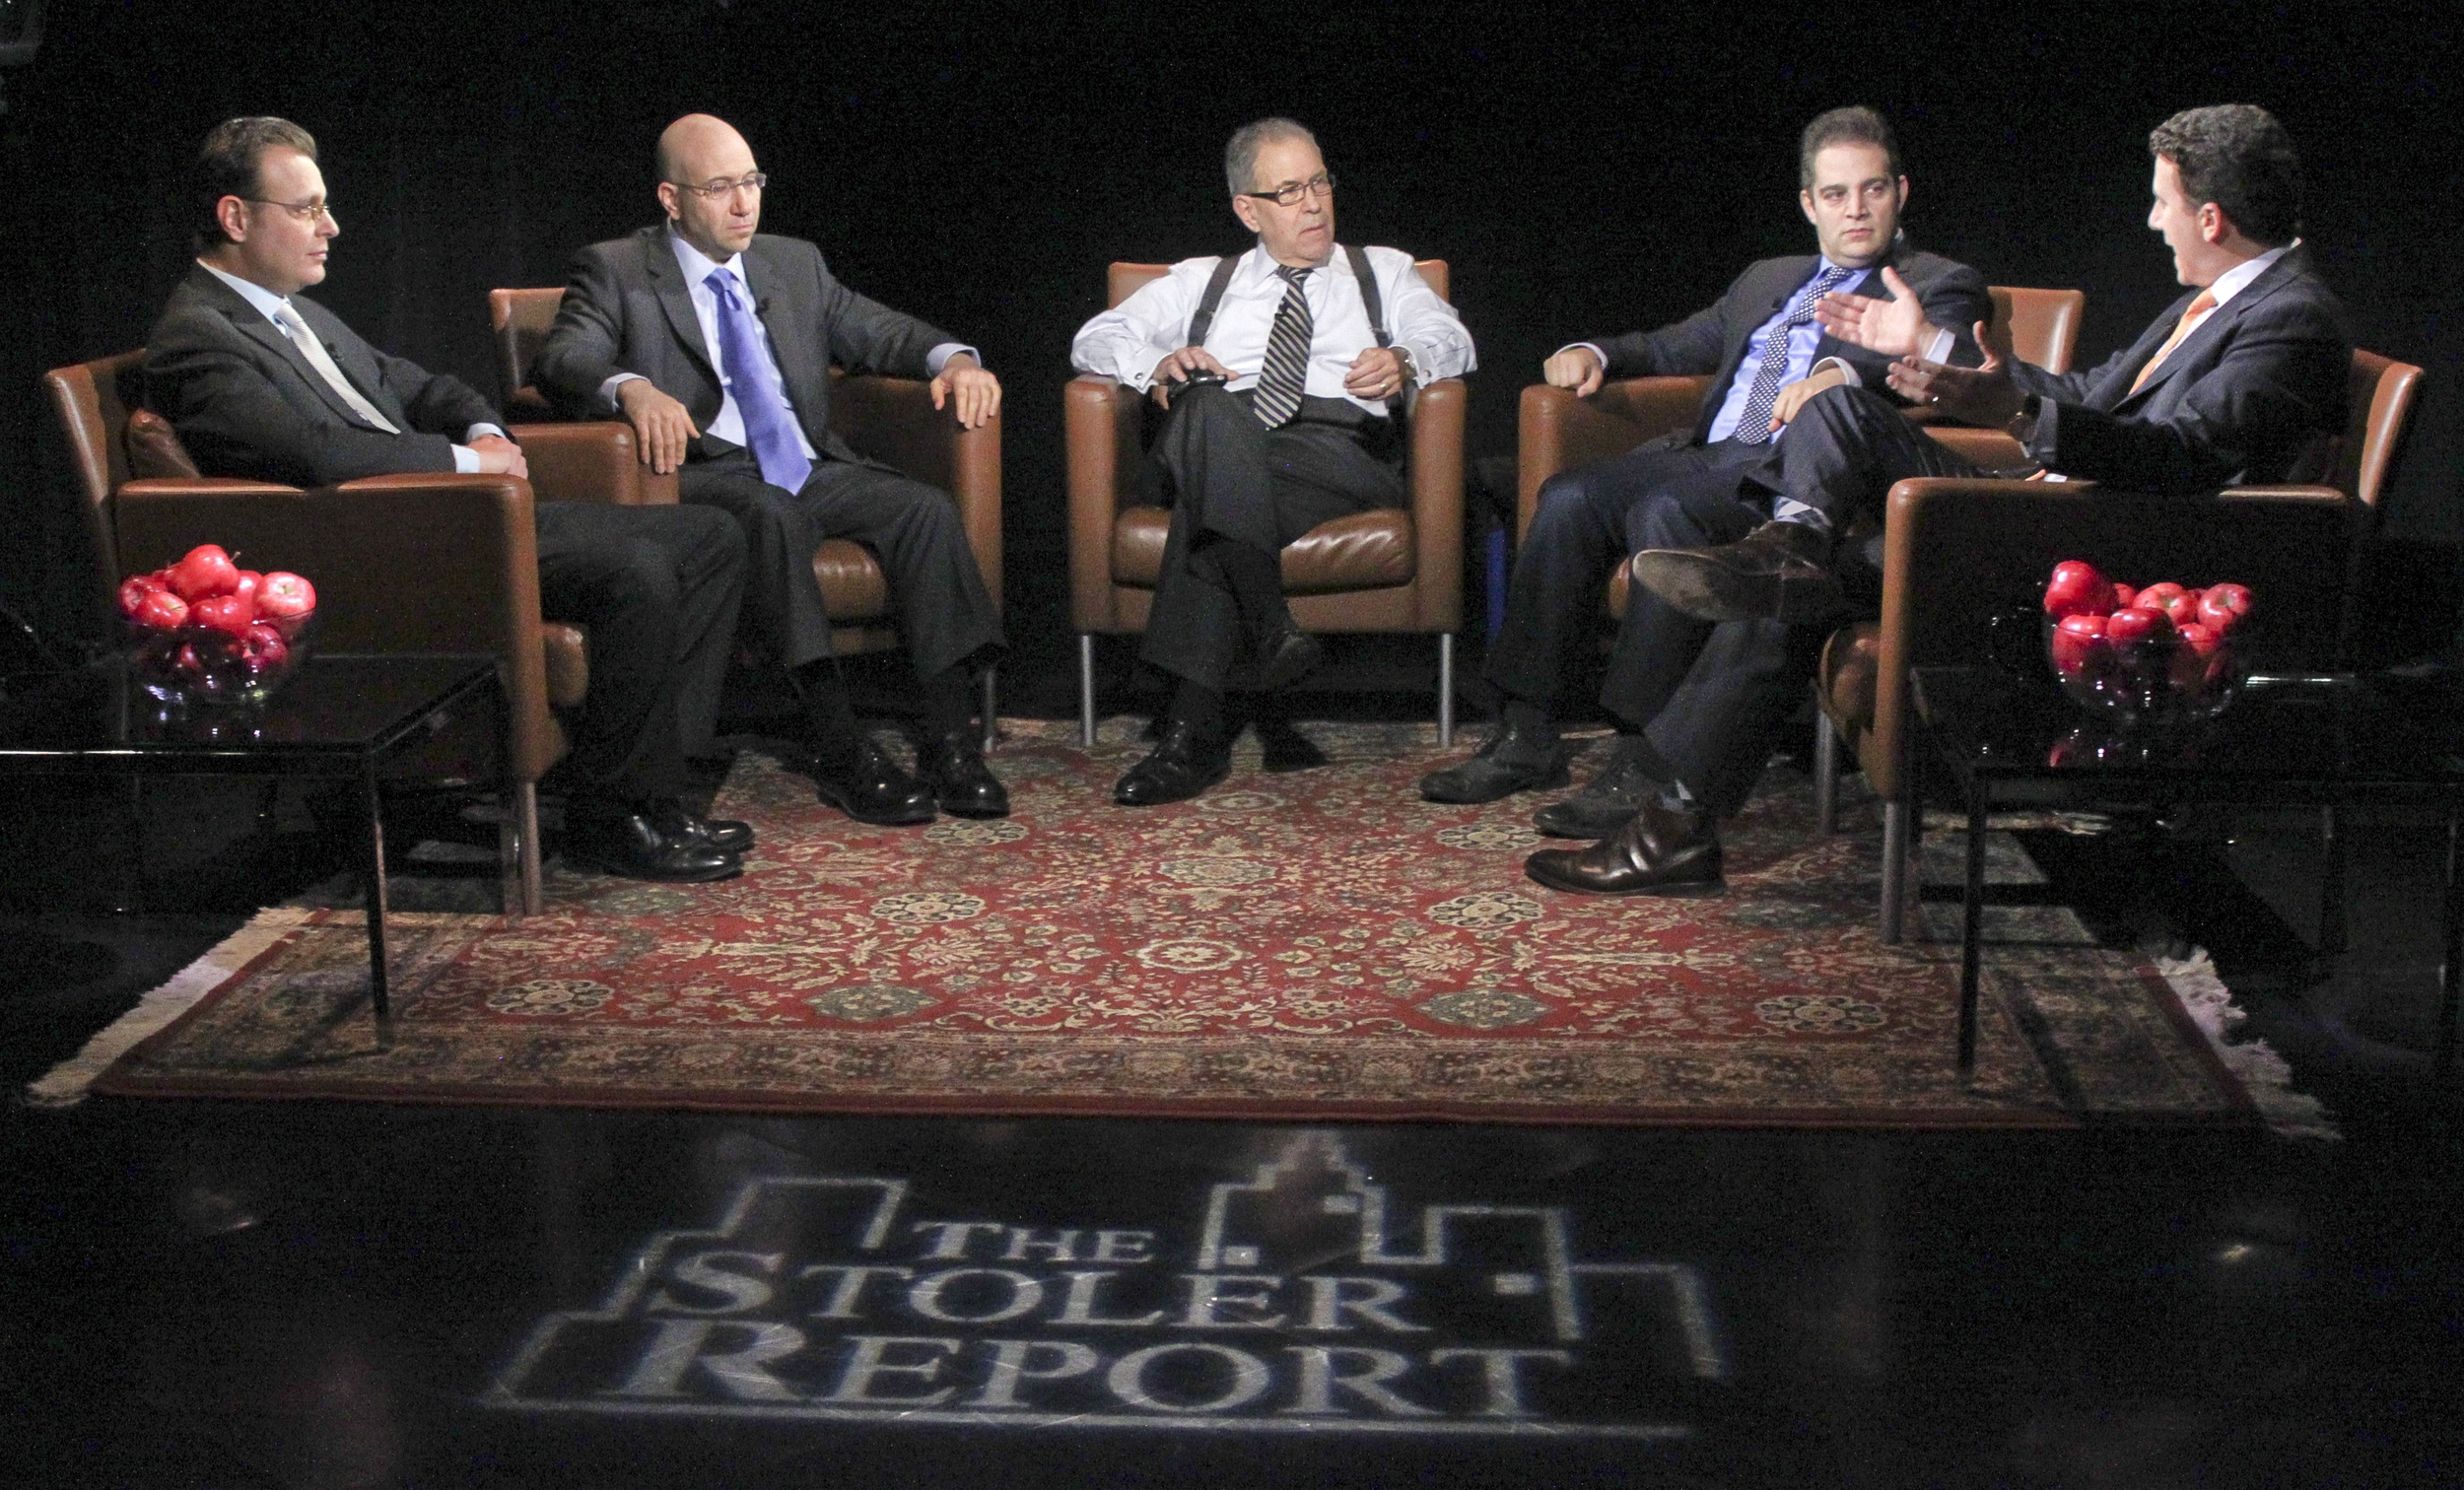 Ofer Cohen, Shimon Shkury, Aaron Jungreis, David Schectman